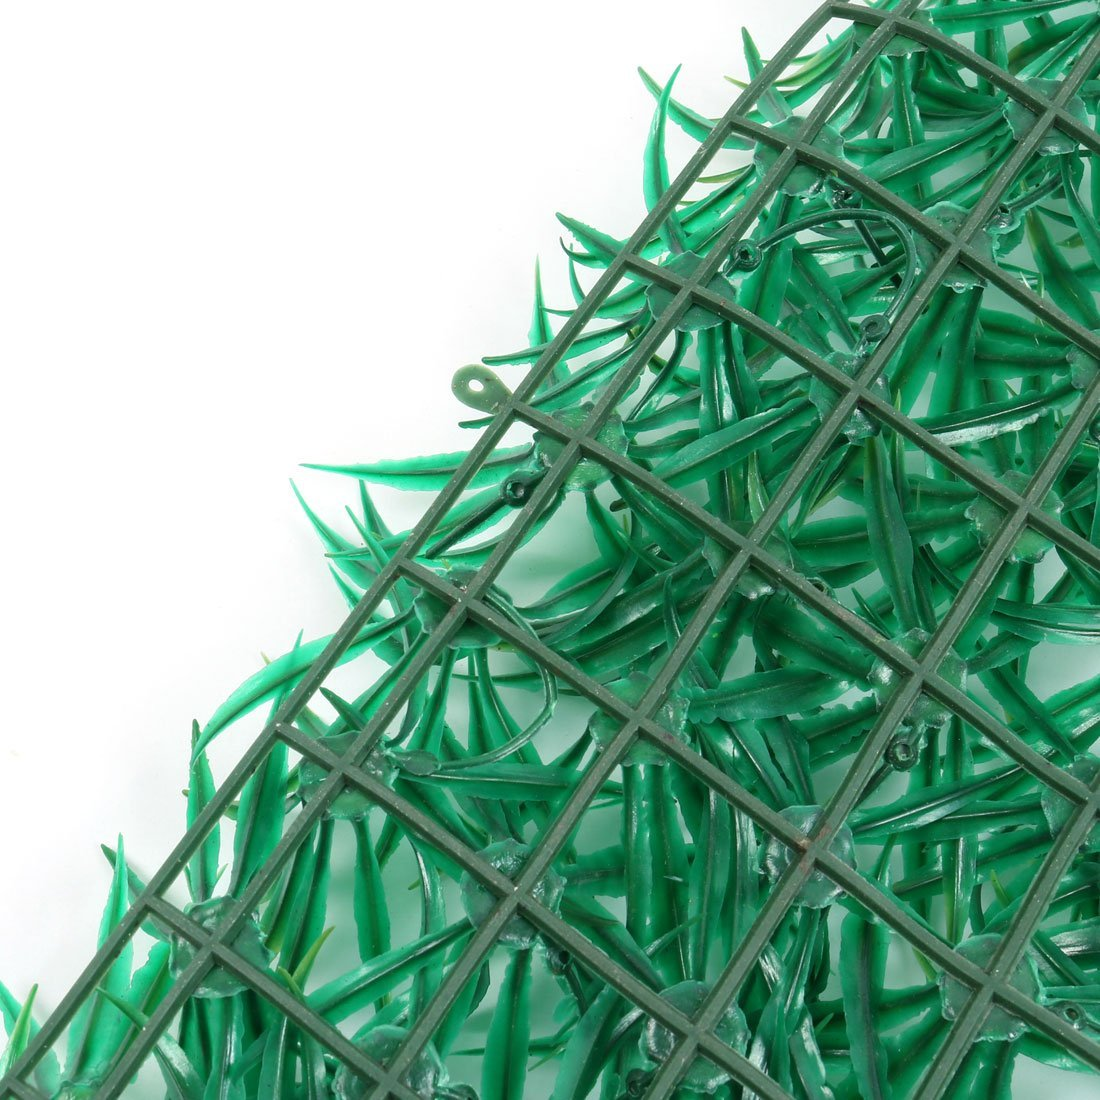 Amazon.com : eDealMax acuario plástico del tanque de pescados Artificial césped decoración Planta de 60cm x 40cm Verde : Pet Supplies